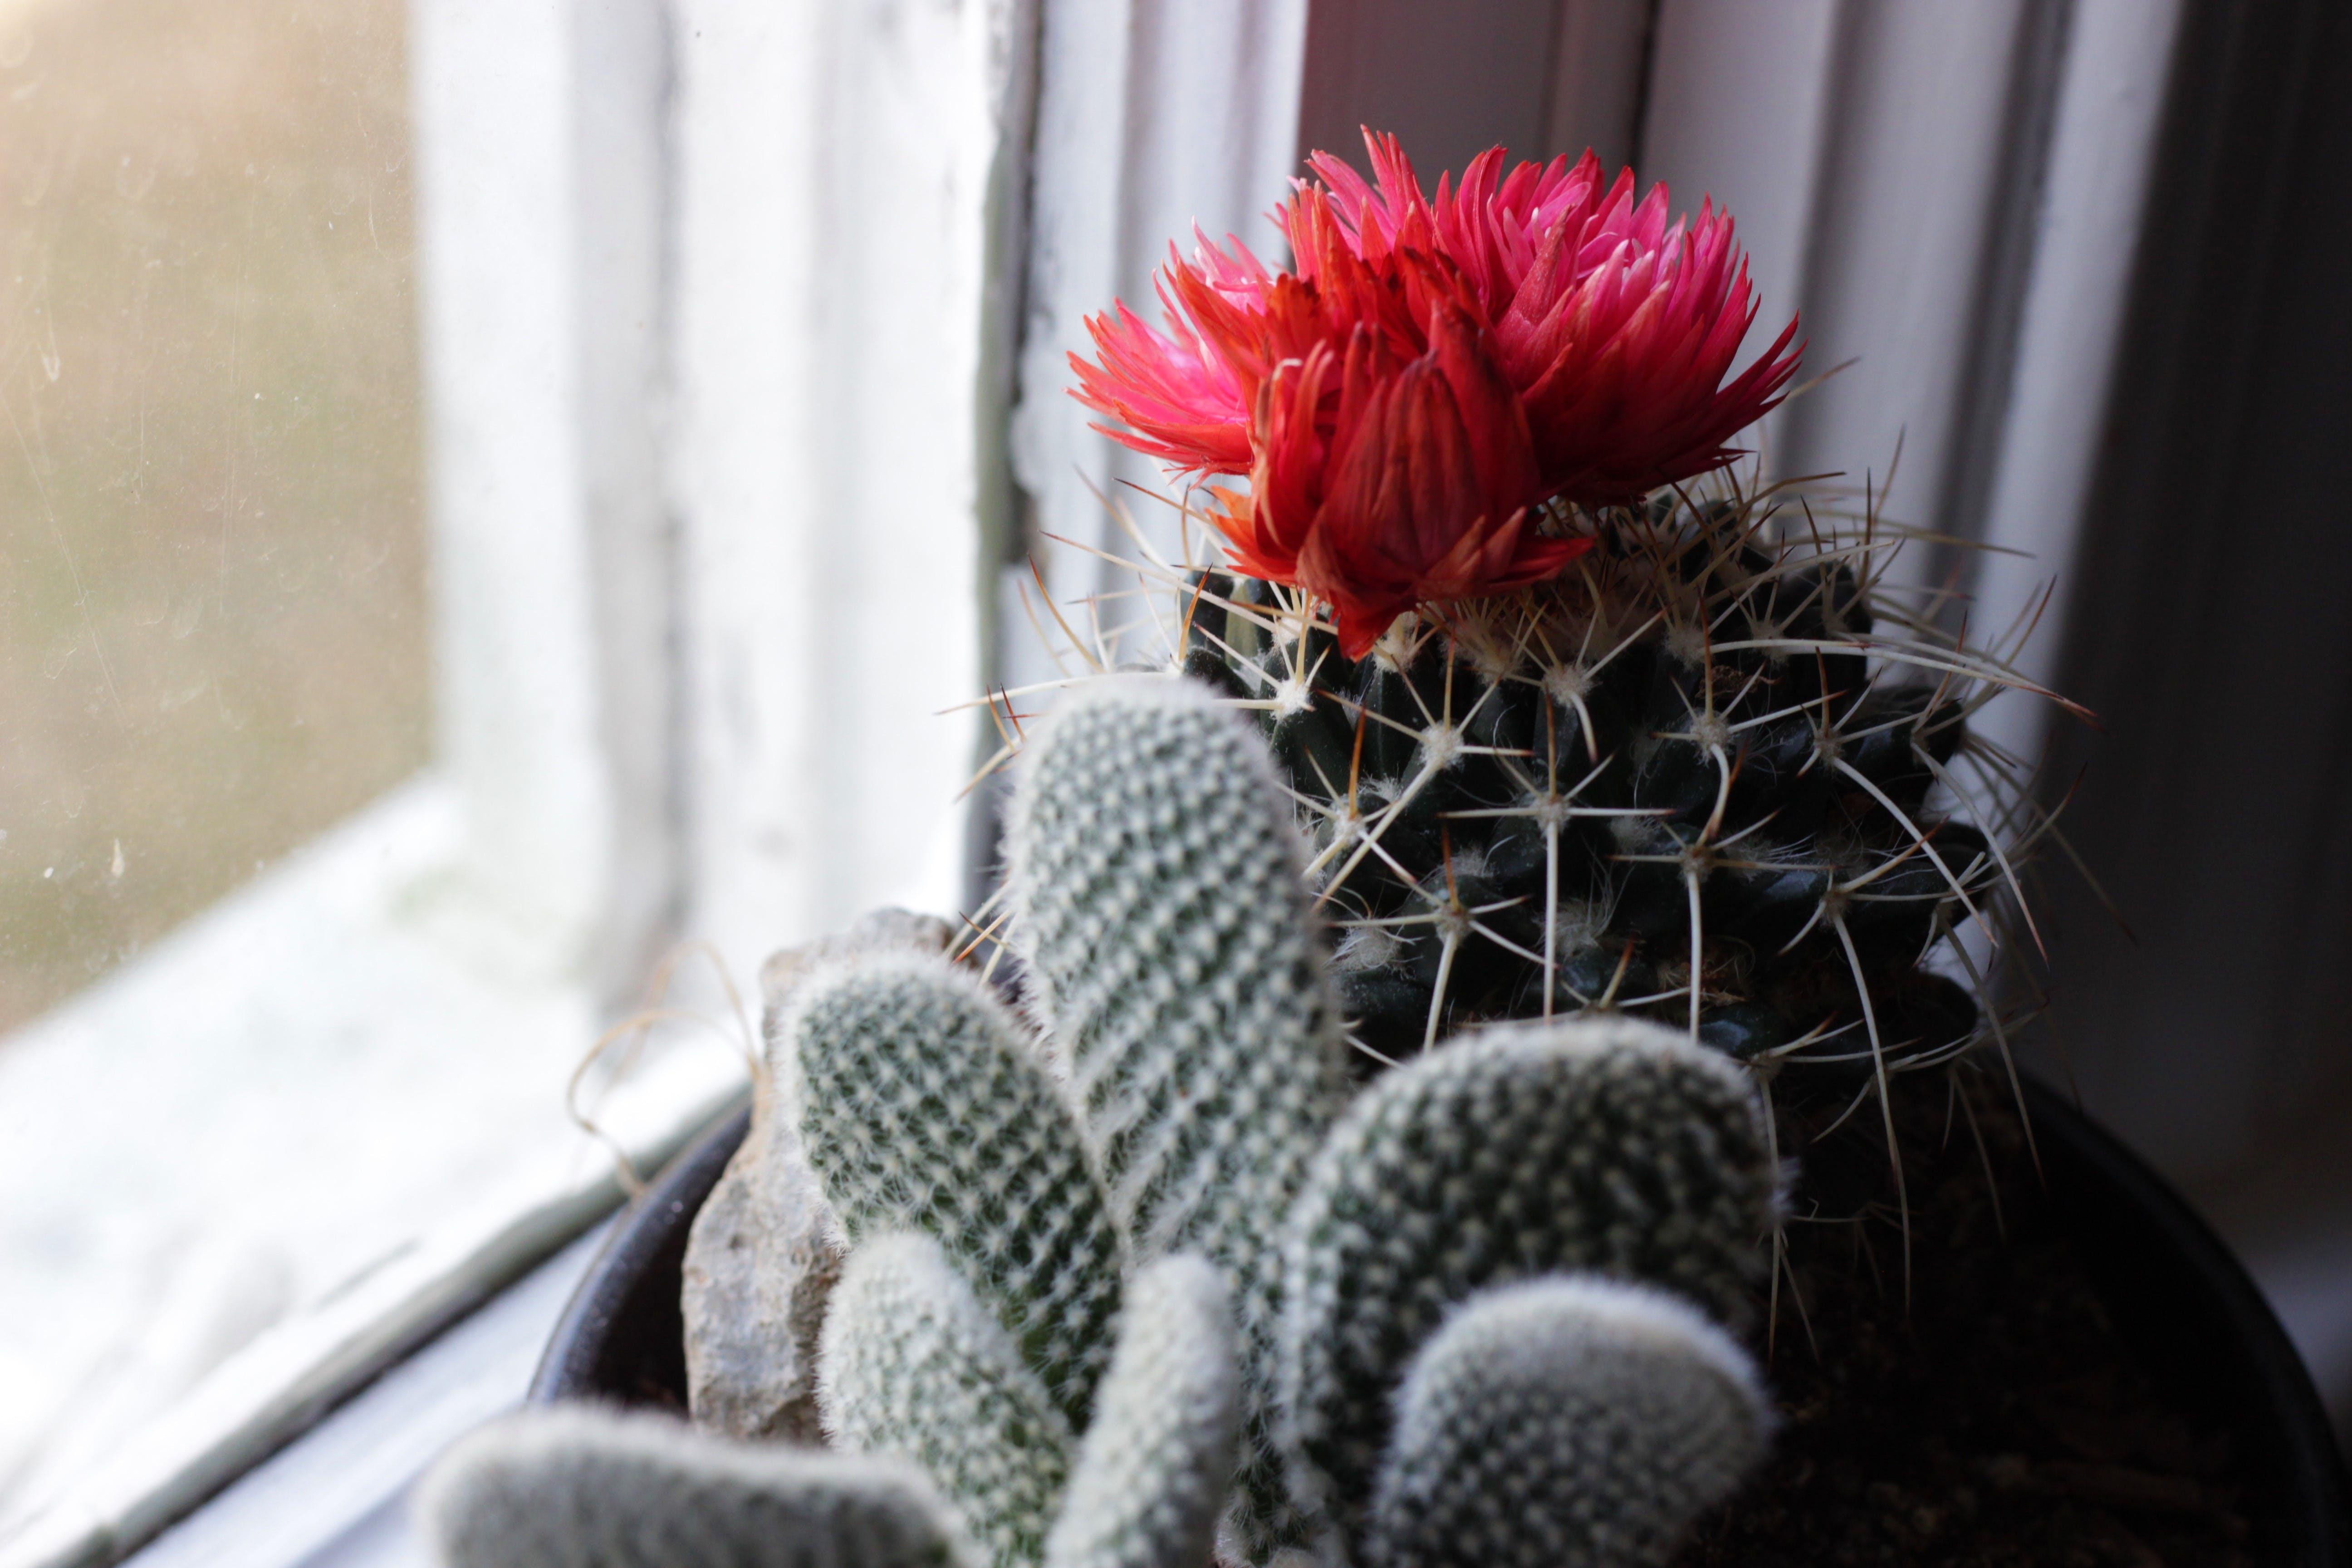 Kostenloses Stock Foto zu blume, blumentopf, farbe, kaktus